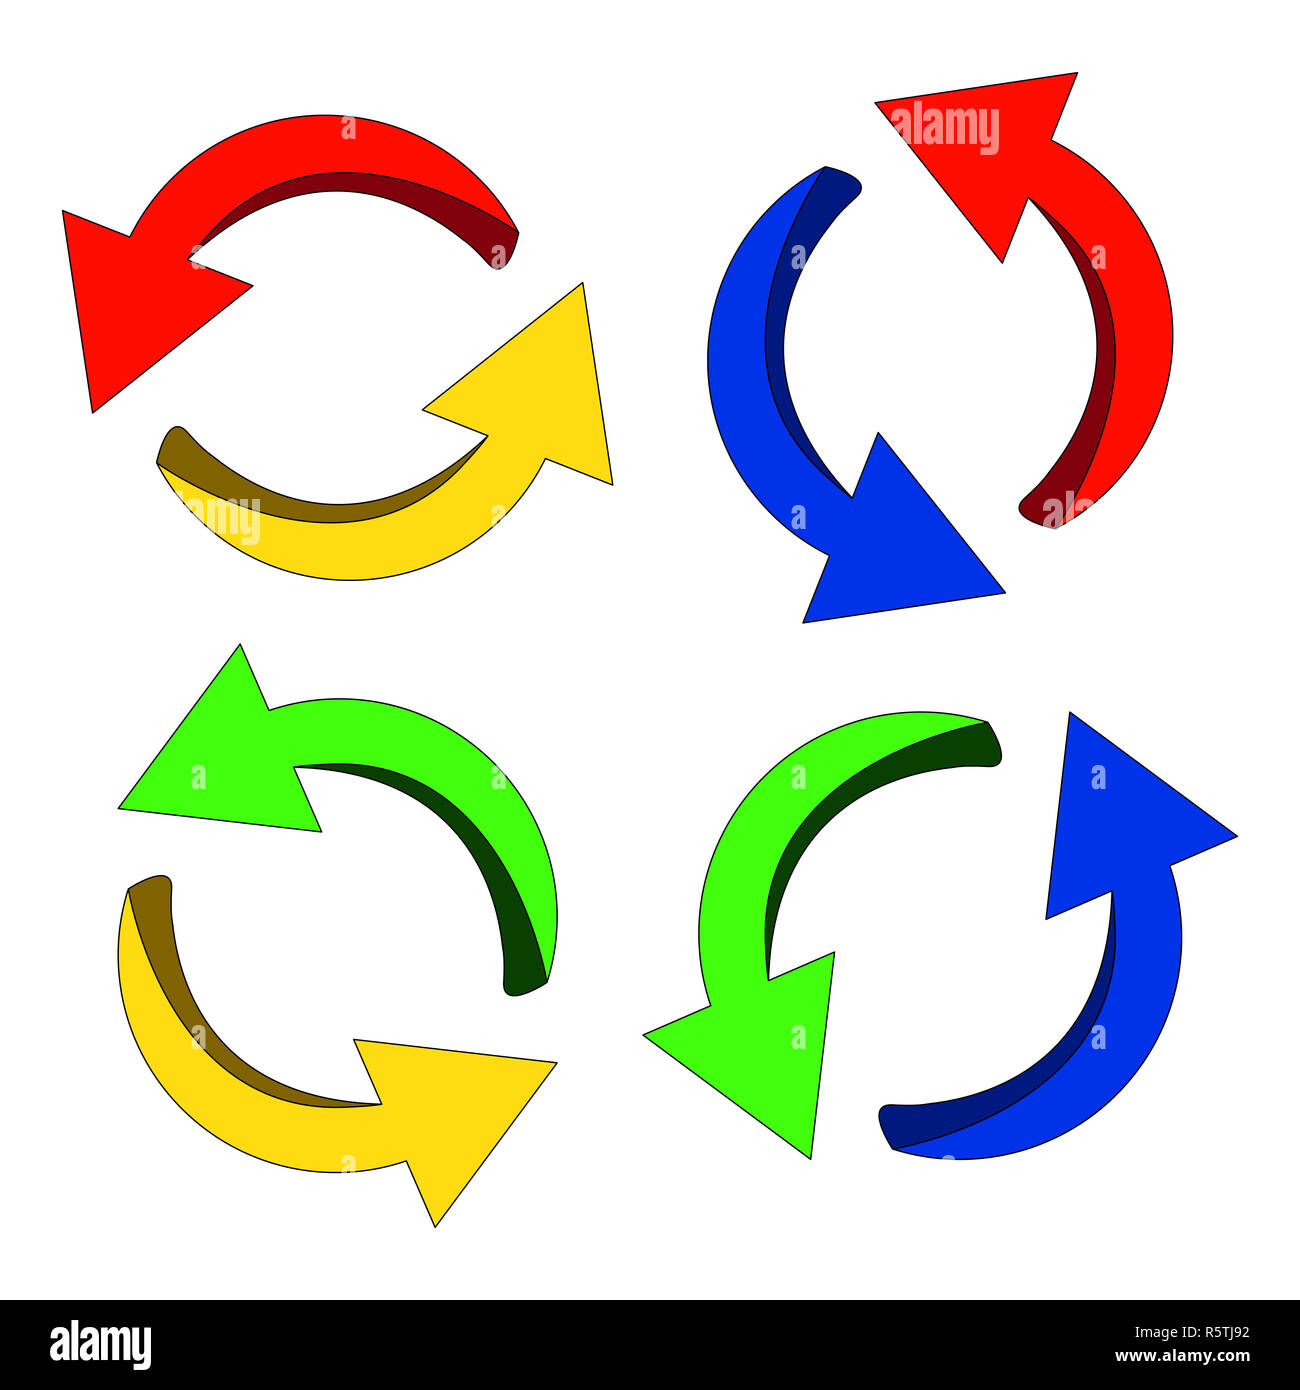 Symbole de flèche, l'icône colorée cycle clipart concept d'entreprise. Vector illustration isolé sur fond blanc. Photo Stock